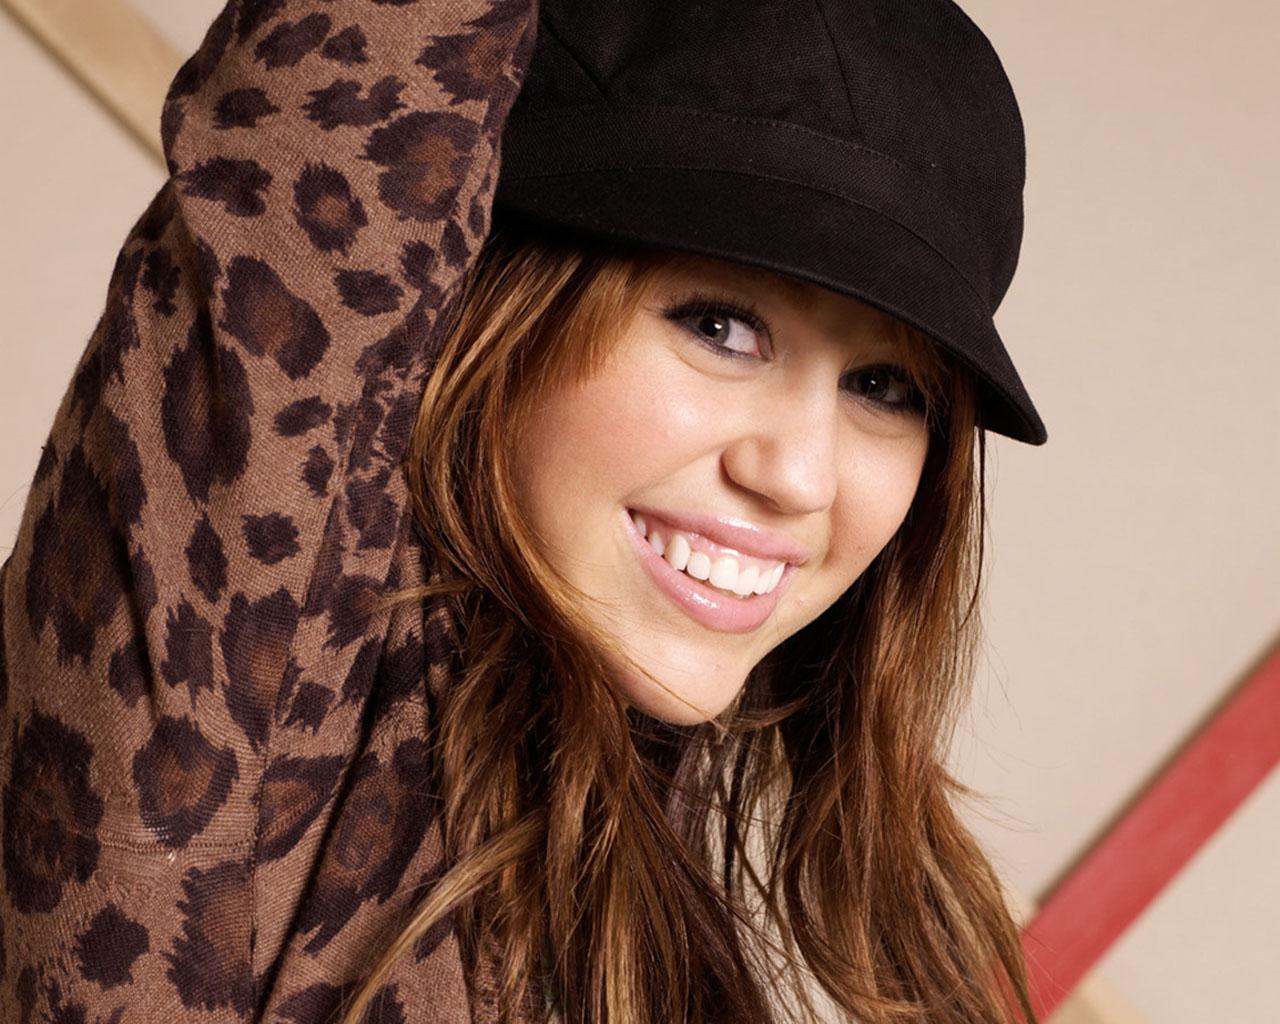 https://1.bp.blogspot.com/_xuMAao_f6oY/Swhpip4Q_eI/AAAAAAAAAAg/dWVE8rAwSZw/s1600/26126_Miley-Cyrus_178_1280x1024-Sk4tz.jpg